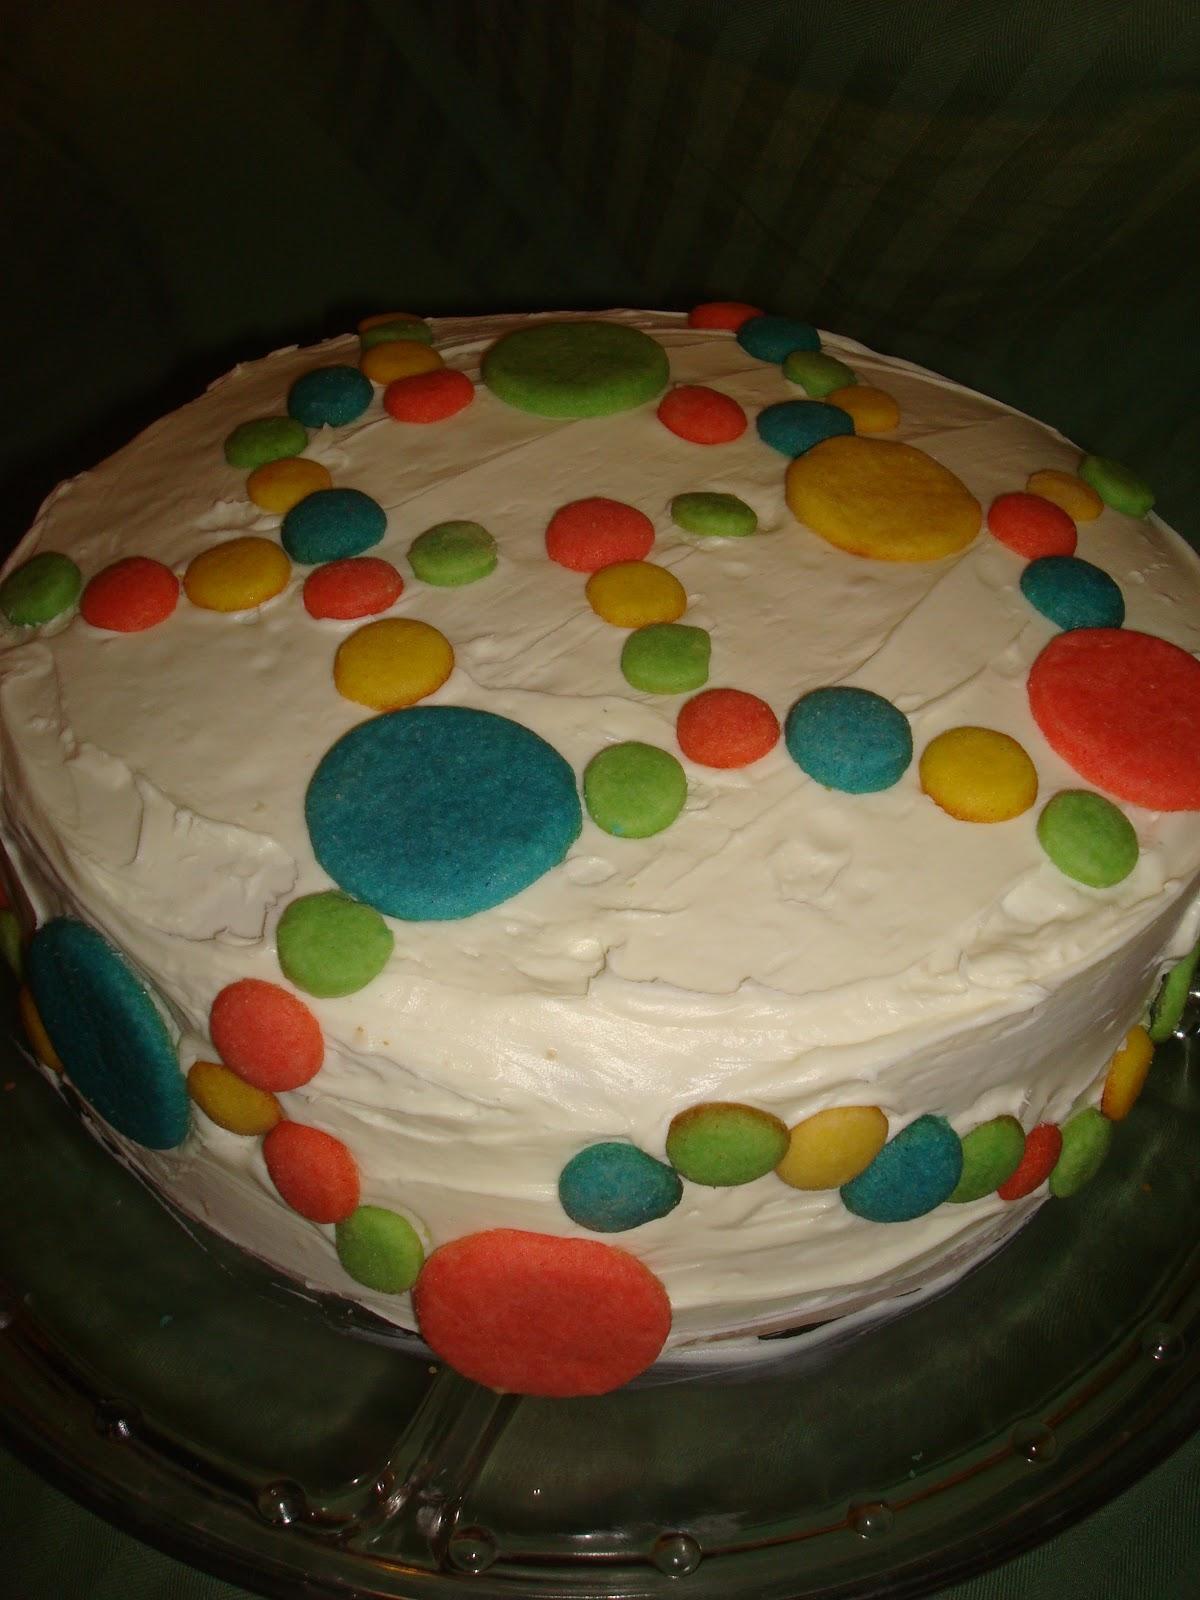 Raindbow Icing Cake